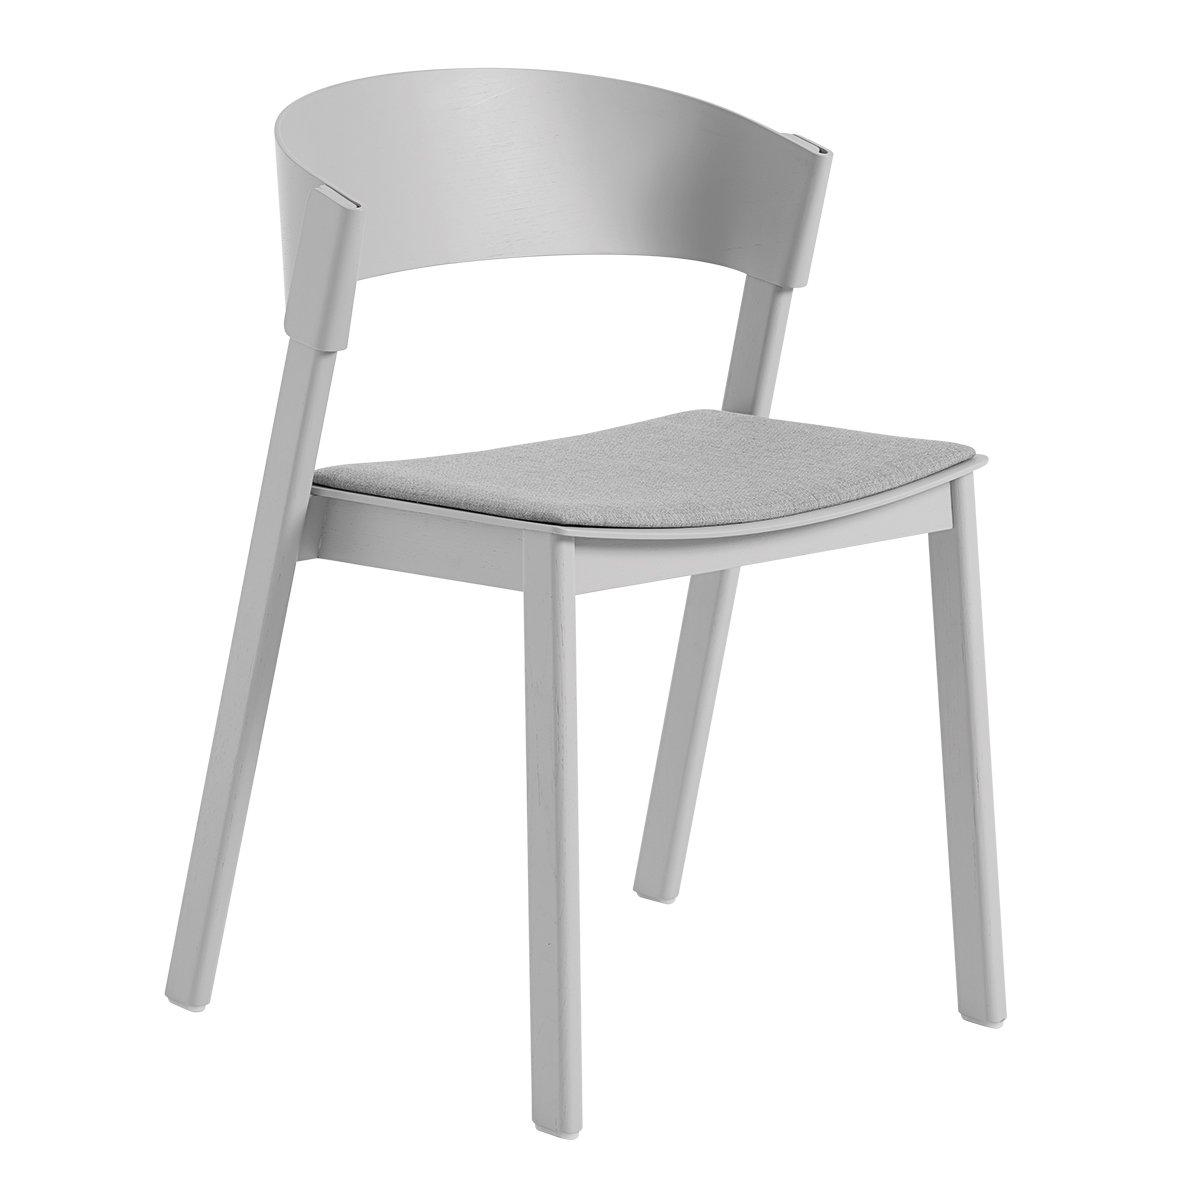 Muuto Cover Side Chair - Grijs - Remix 123 Zitkussen